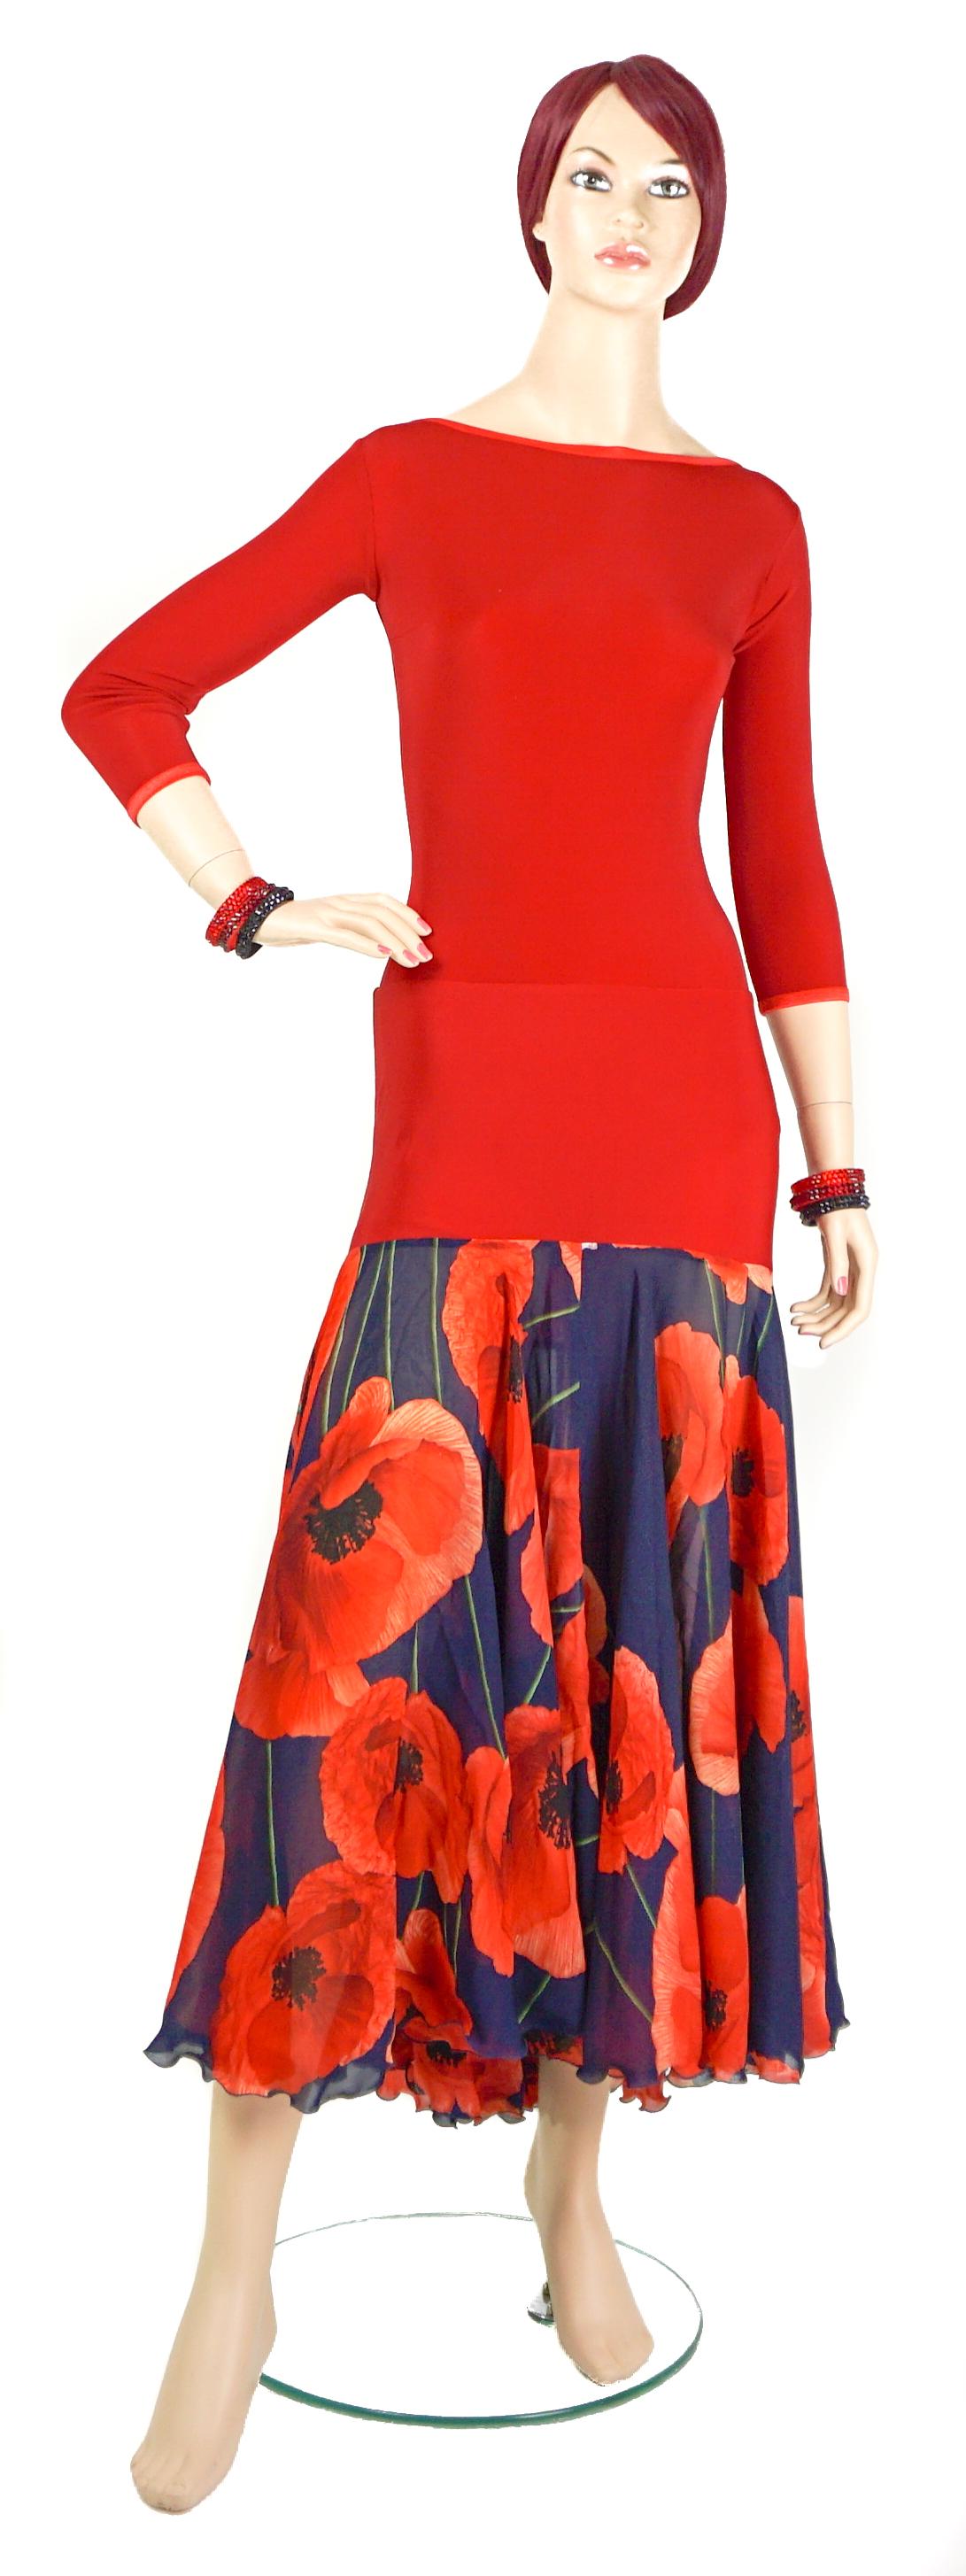 Dress-$250